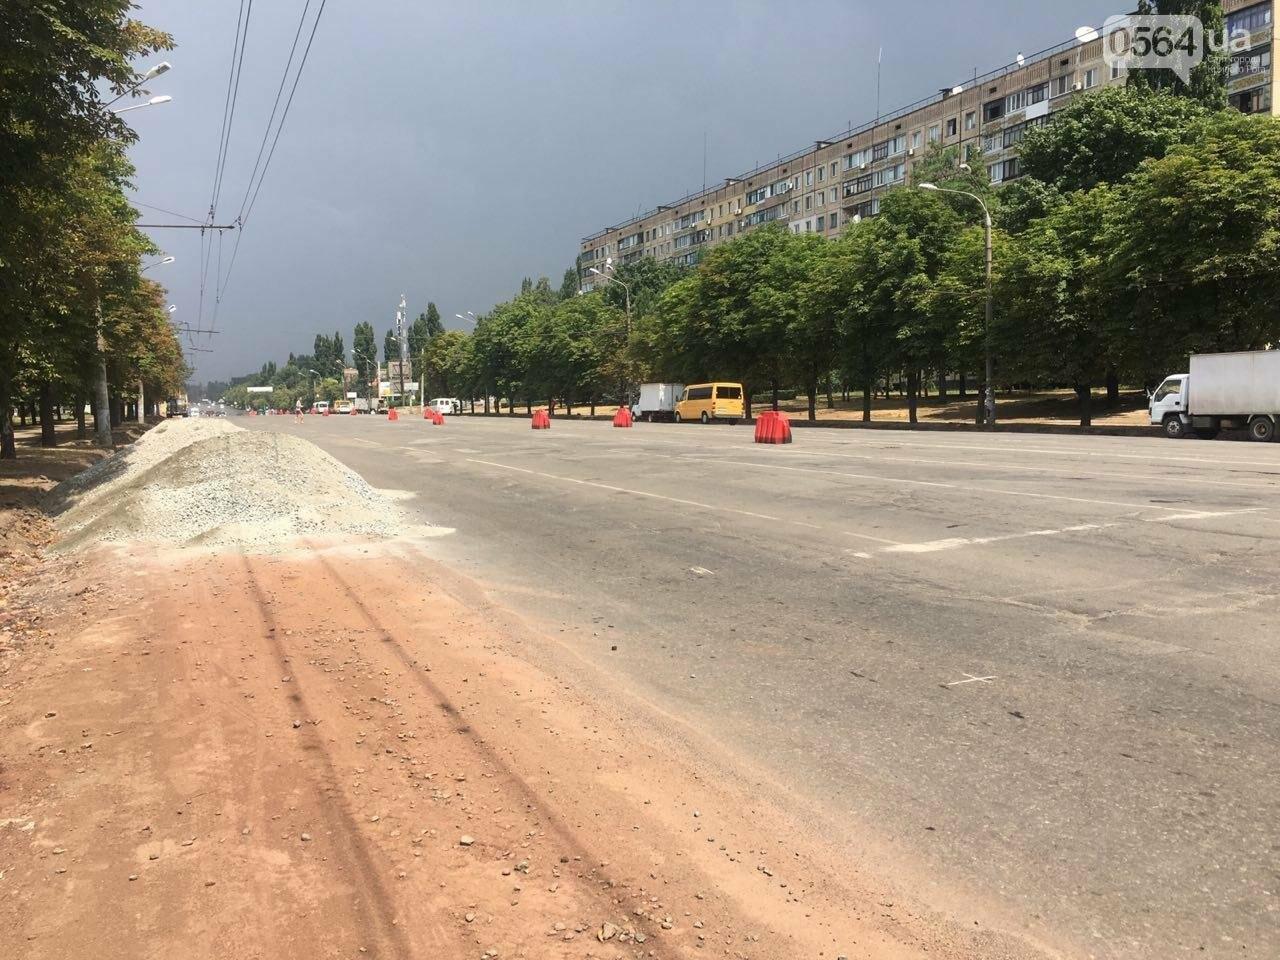 С сегодняшнего дня на центральном проспекте Кривого Рога отменены 3 остановки и запрещена парковка, - ФОТО, фото-3